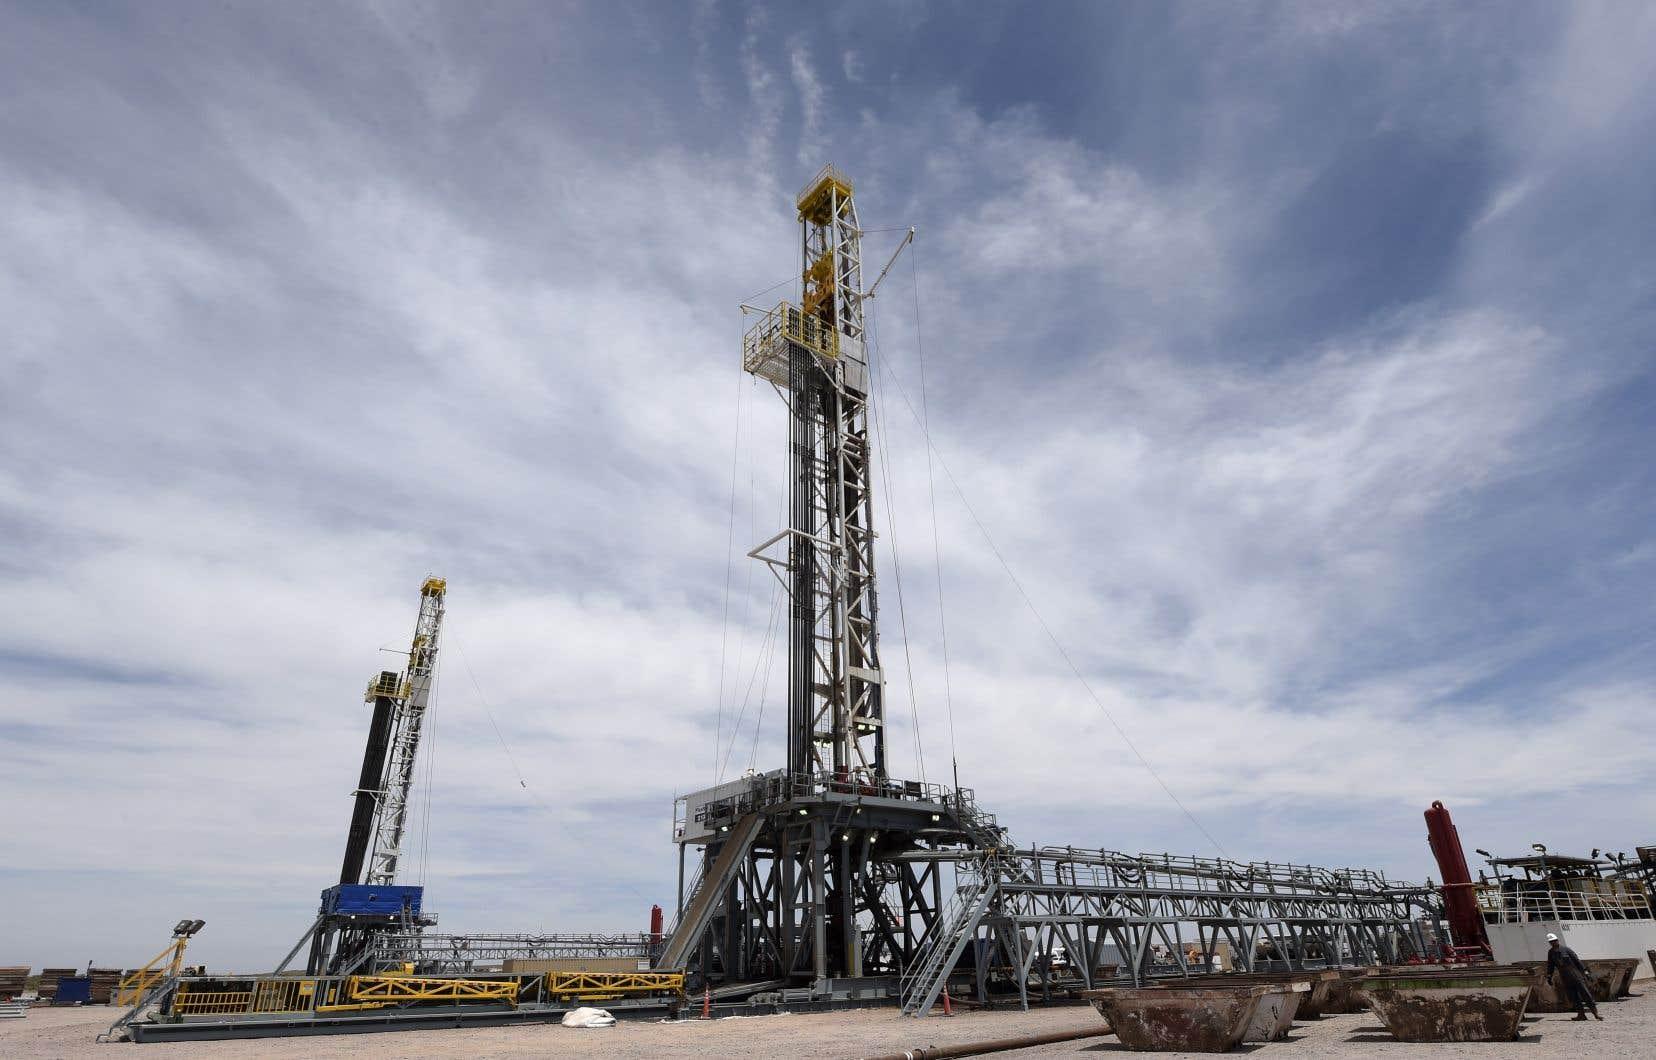 Les Mapuches ont déposé une plainte pour pollution dans le sud-ouest de l'Argentine, où se trouve le gisement stratégique de Vaca Muerta, considéré comme l'un des plus importantes gisements de gaz de schiste et de pétrole de schiste.